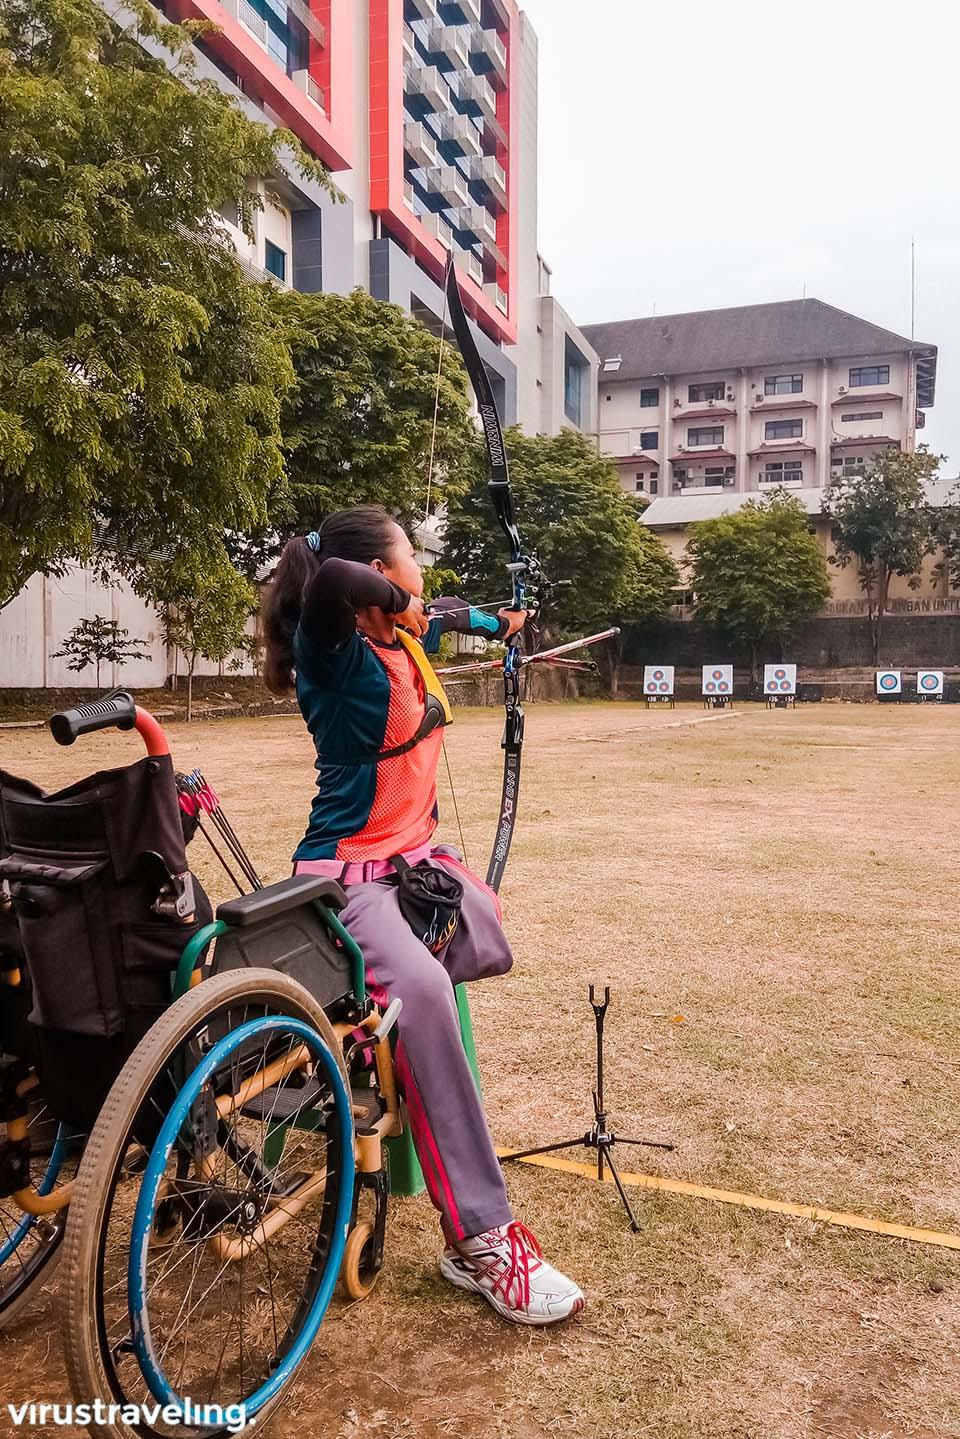 Mba Ijah salah seorang atlet panahan Para Games 2018